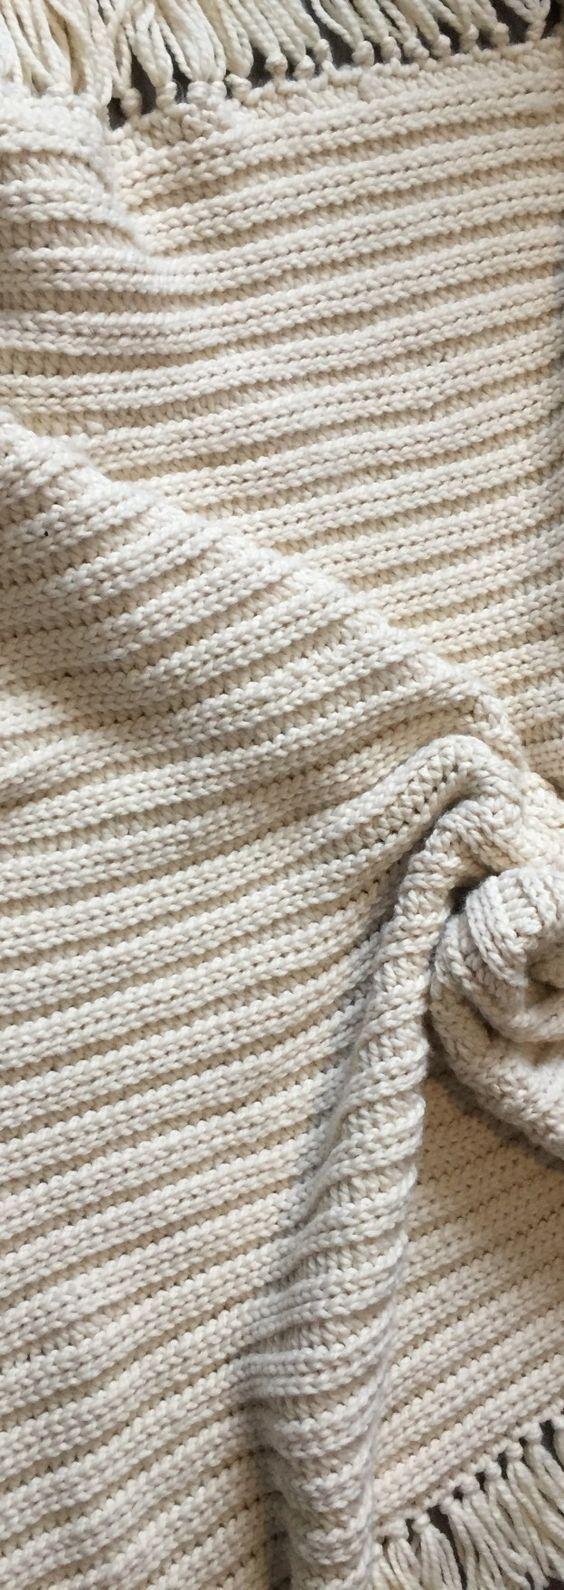 Midwinter Blanket - Free Crochet Pattern